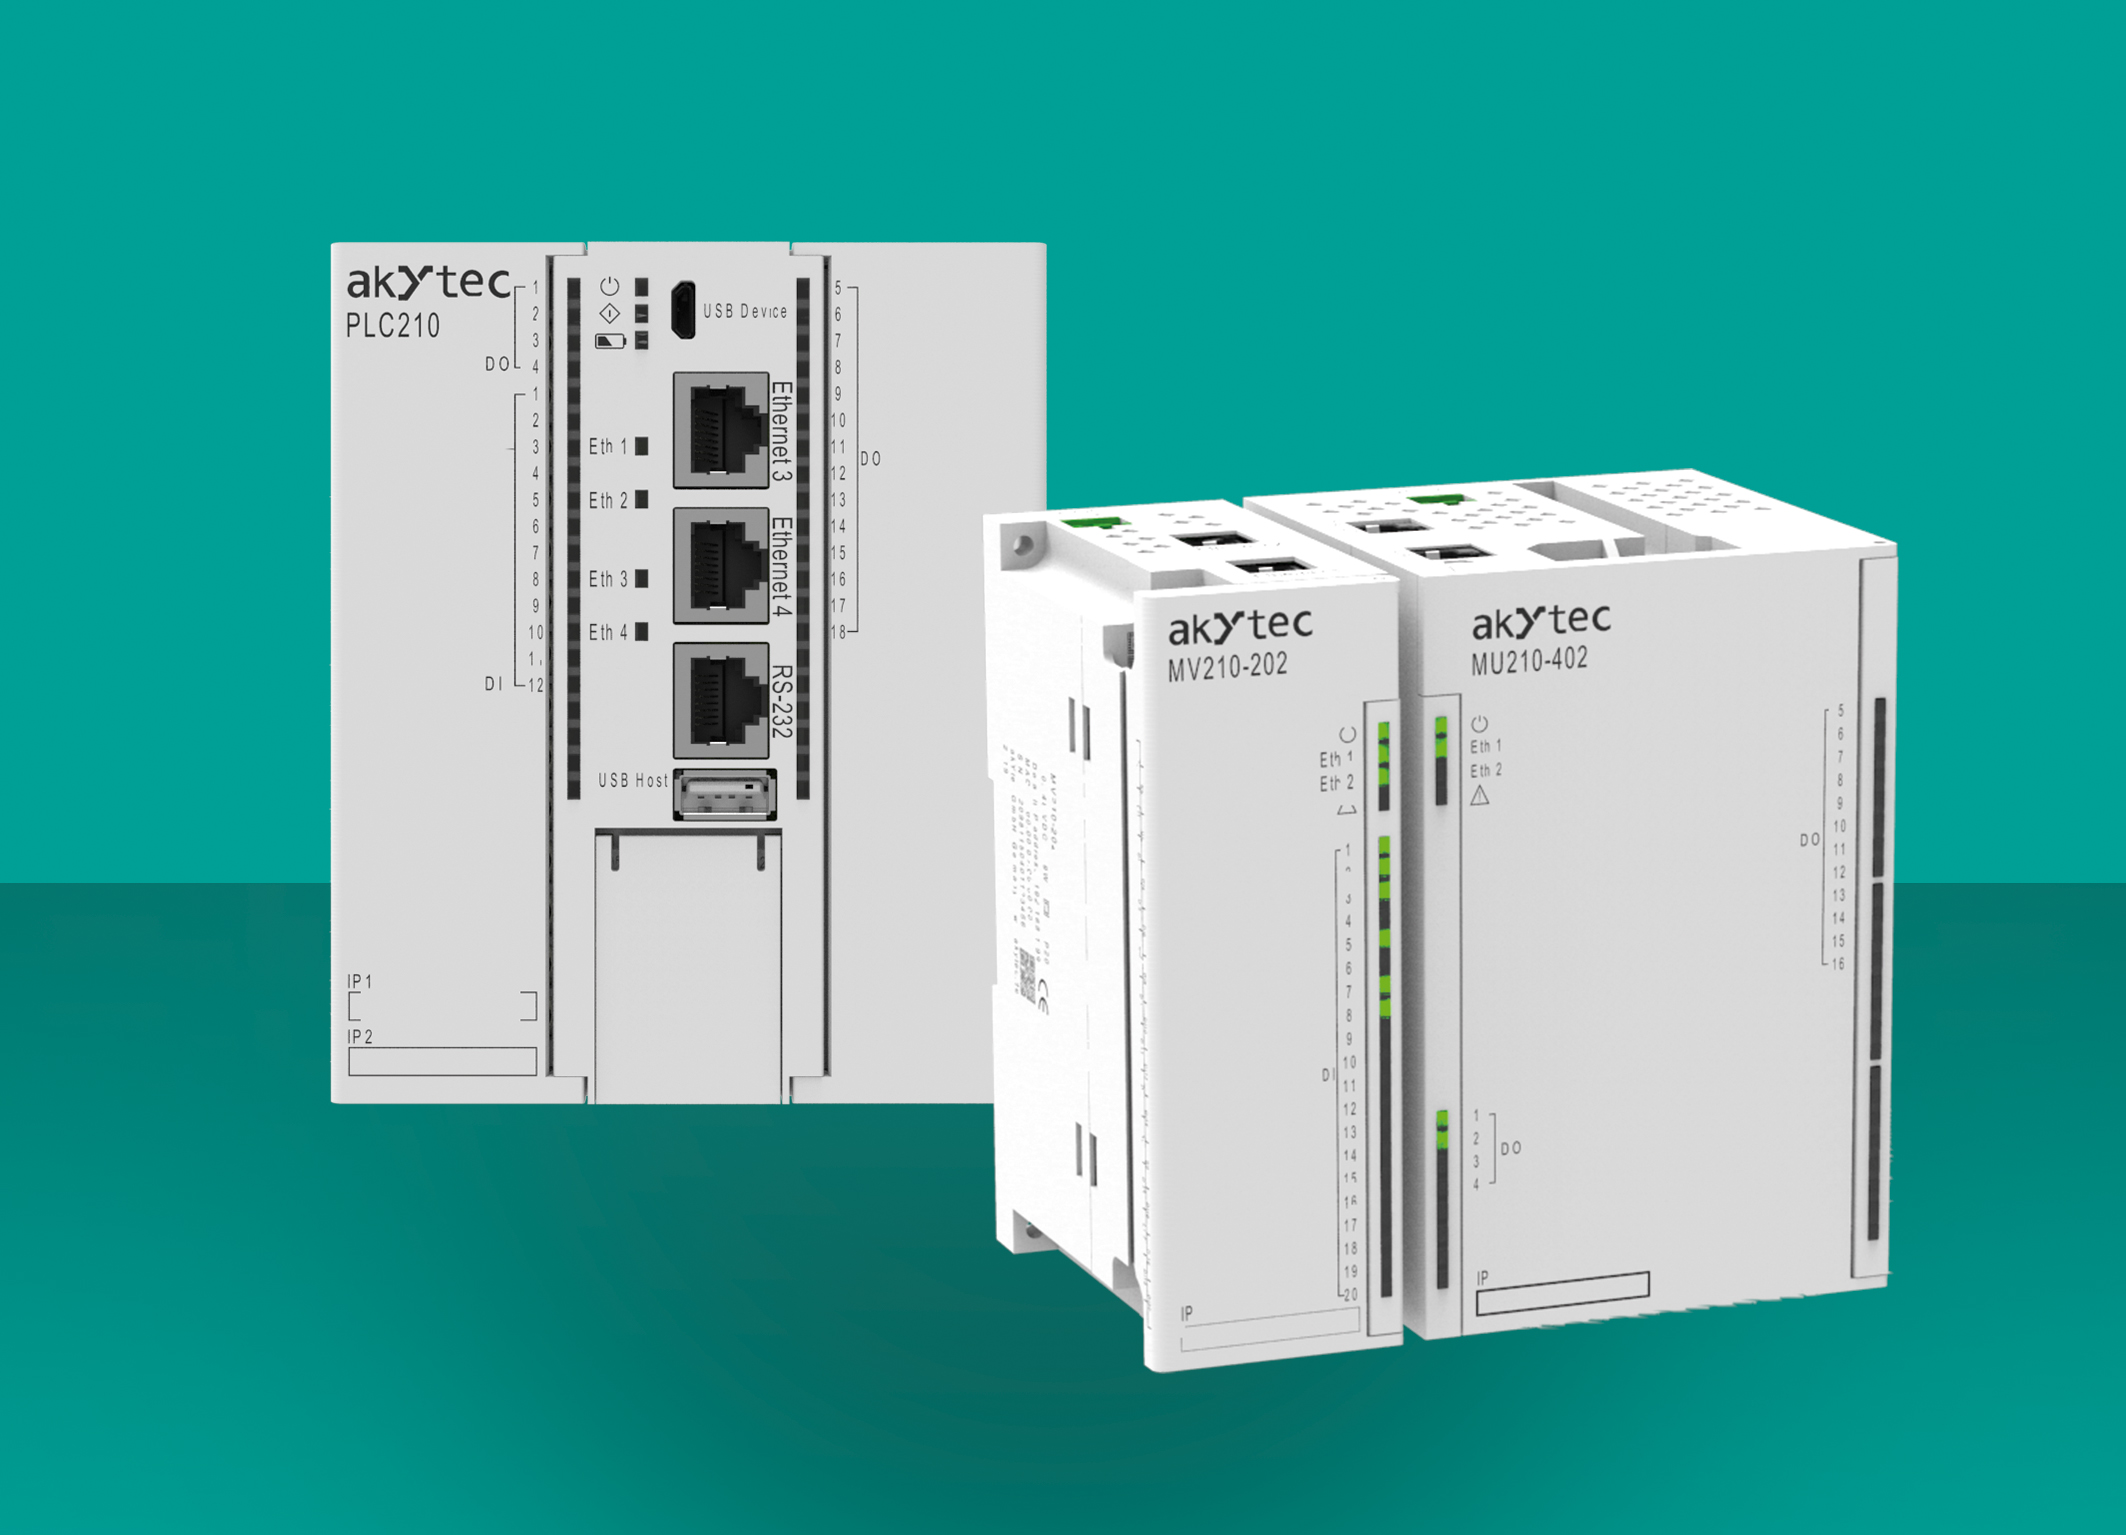 Od utworzenia serwera WWW do połączenia w chmurze: PLC210 (po lewej) obsługuje wiele protokołów i tym samym oferuje wiele możliwości. Ethernetowe moduły I/O serii MX210 oferują złącza wejściowe i o częstotliwości do 100 kHz